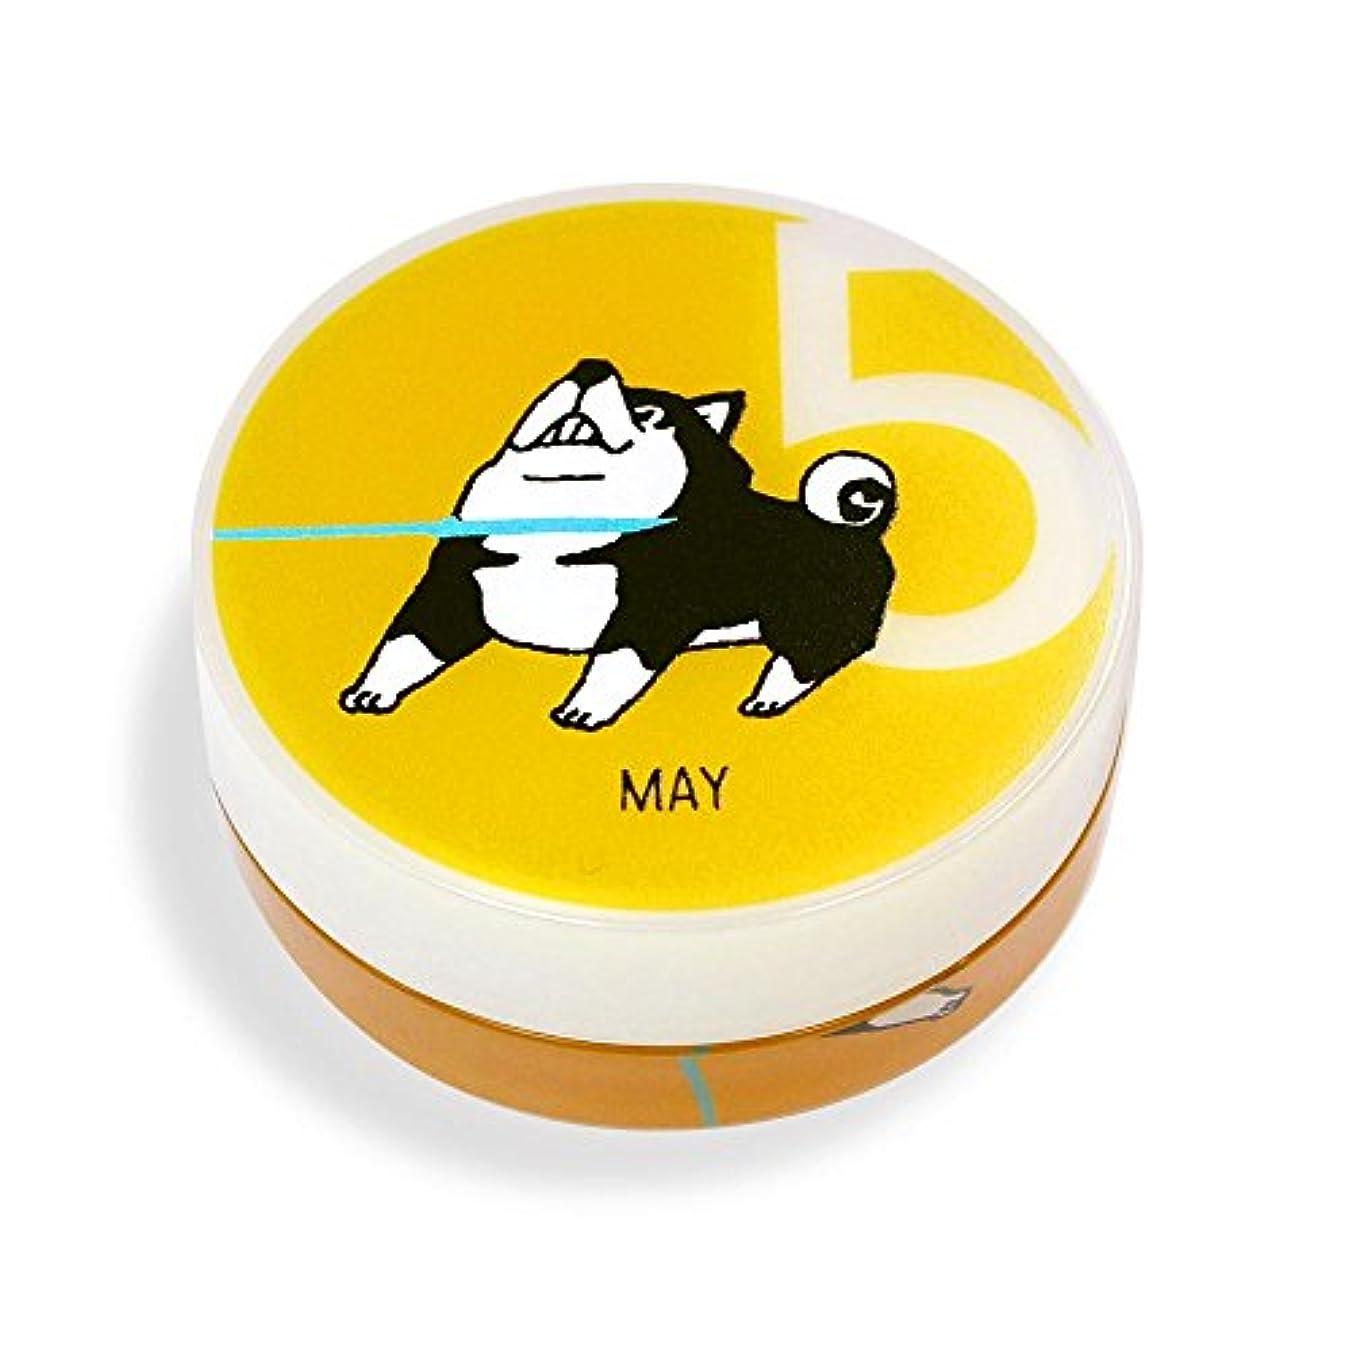 名誉詐欺軽しばんばん フルプルクリーム 誕生月シリーズ 5月 20g